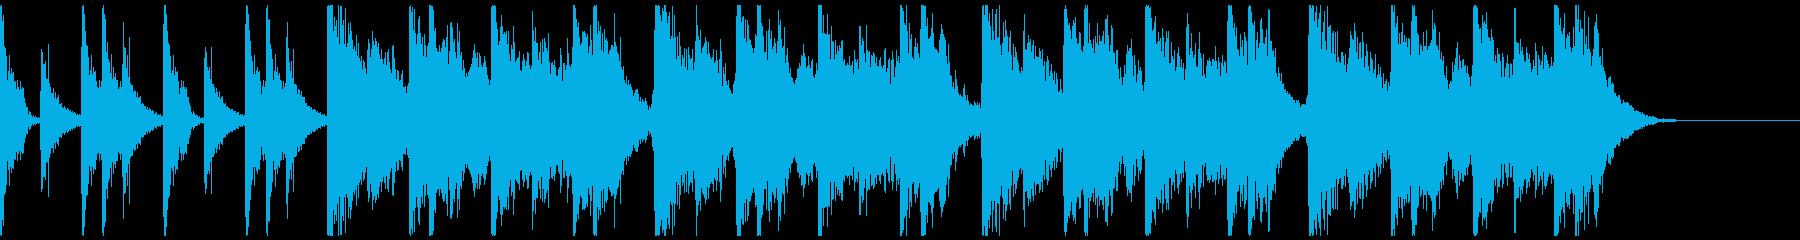 勇壮クラップ&ストンプ&コーラス/30秒の再生済みの波形